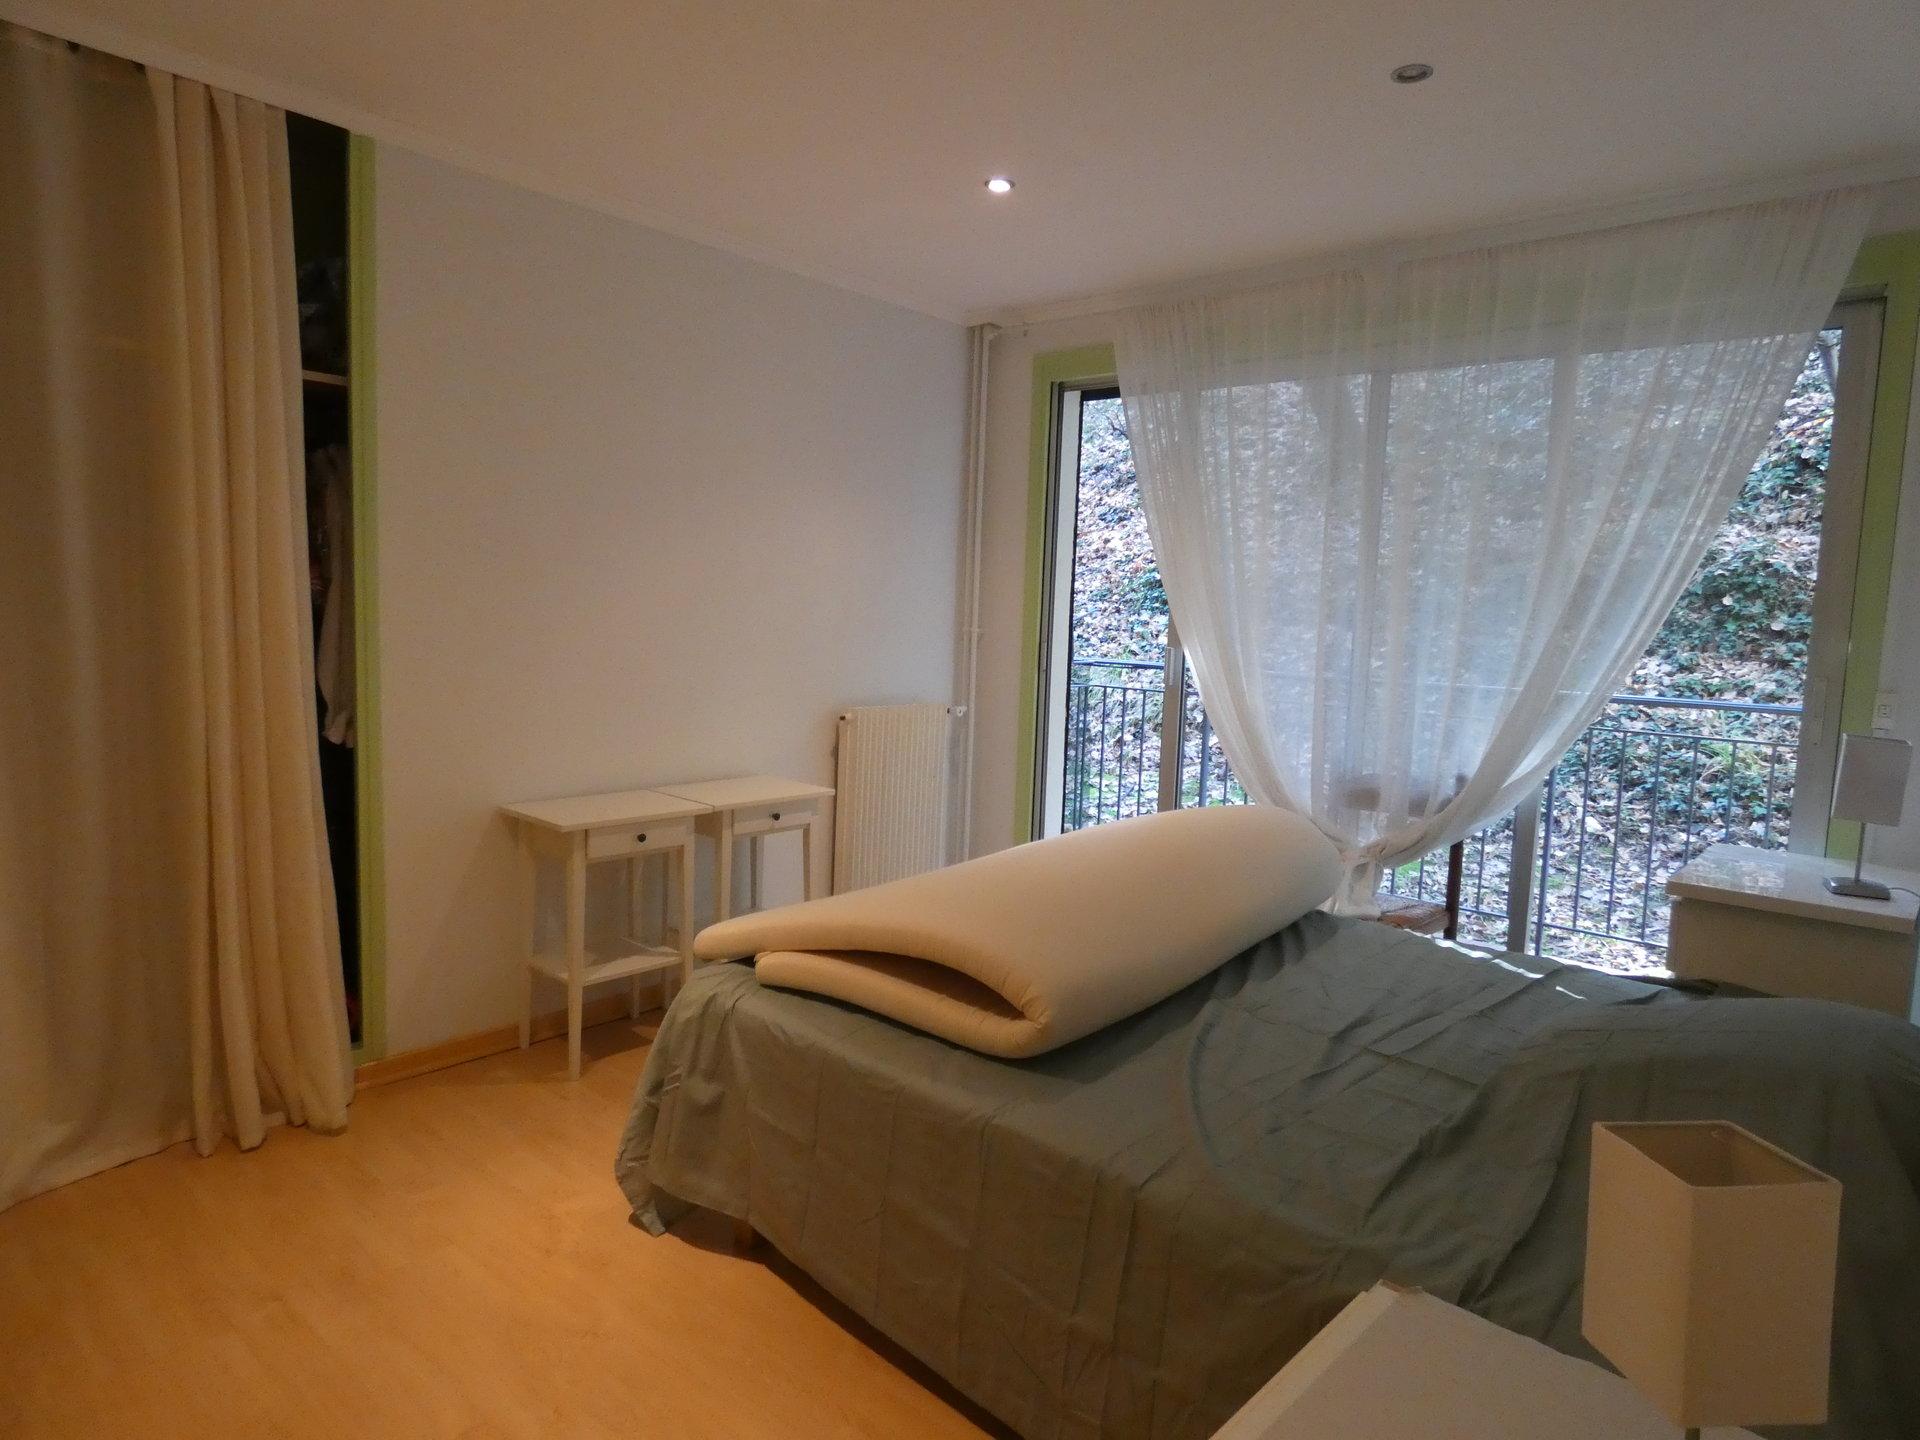 Vence proche village appartement 4 pièces 93m2 parking + cave